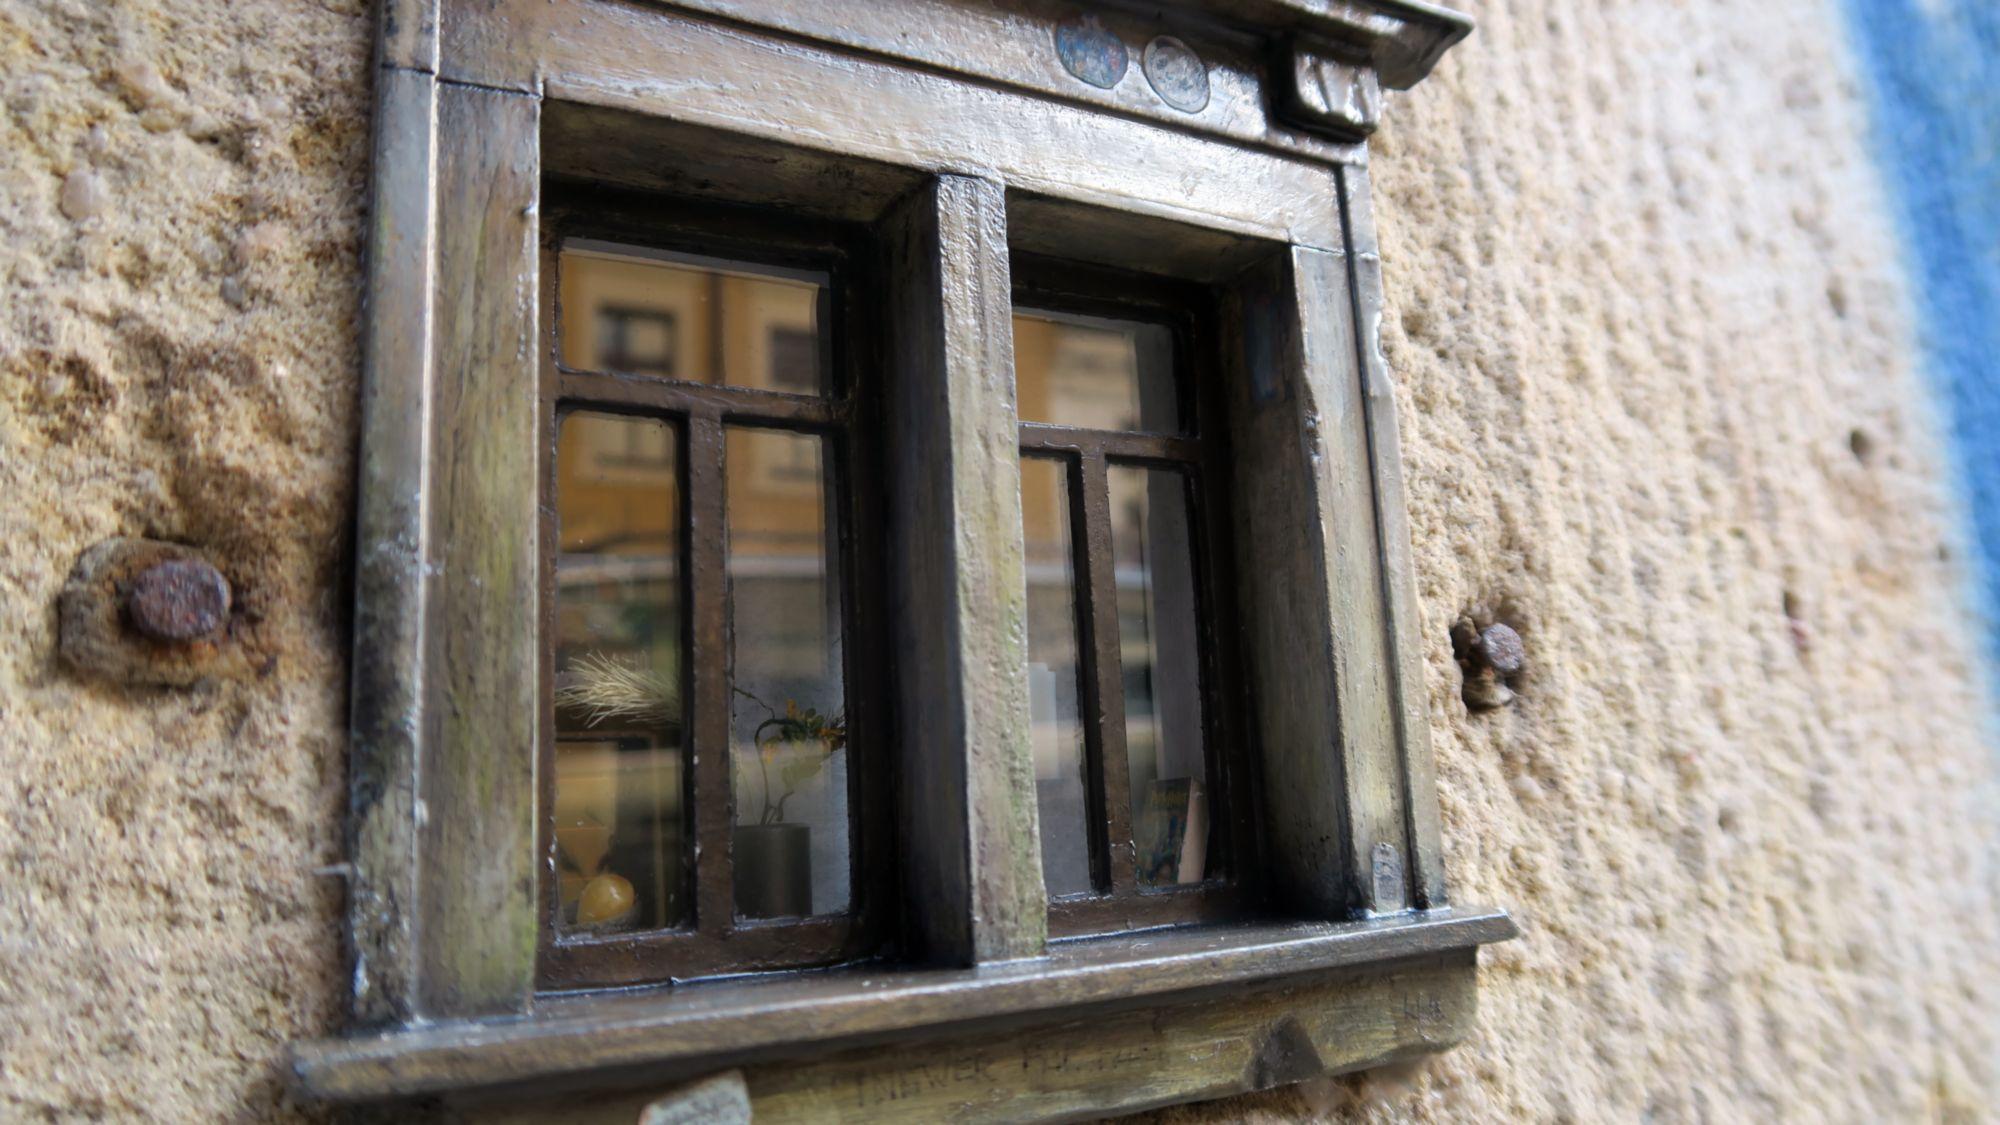 Im Fenster spiegeln sich die Häuser der gegenüberliegenden Straße.